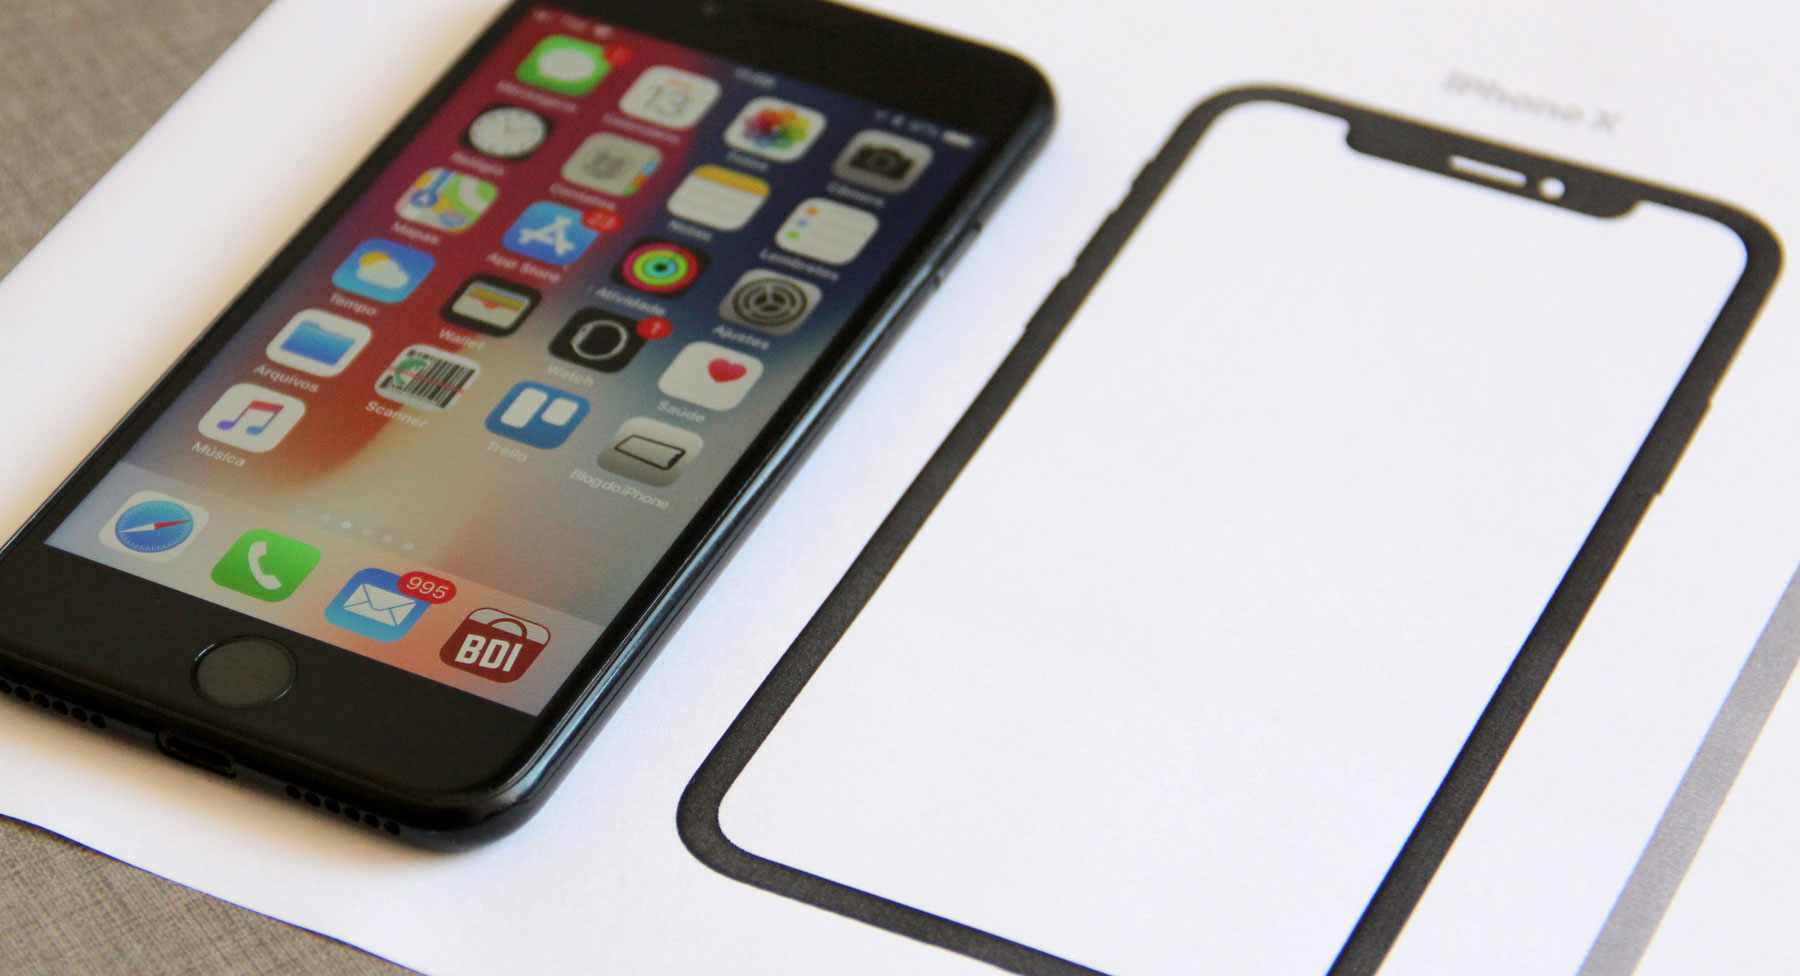 Imprima o iPhone X em tamanho real e veja a diferença em relação aos outros  modelos » Blog do iPhone 458ccbcde2